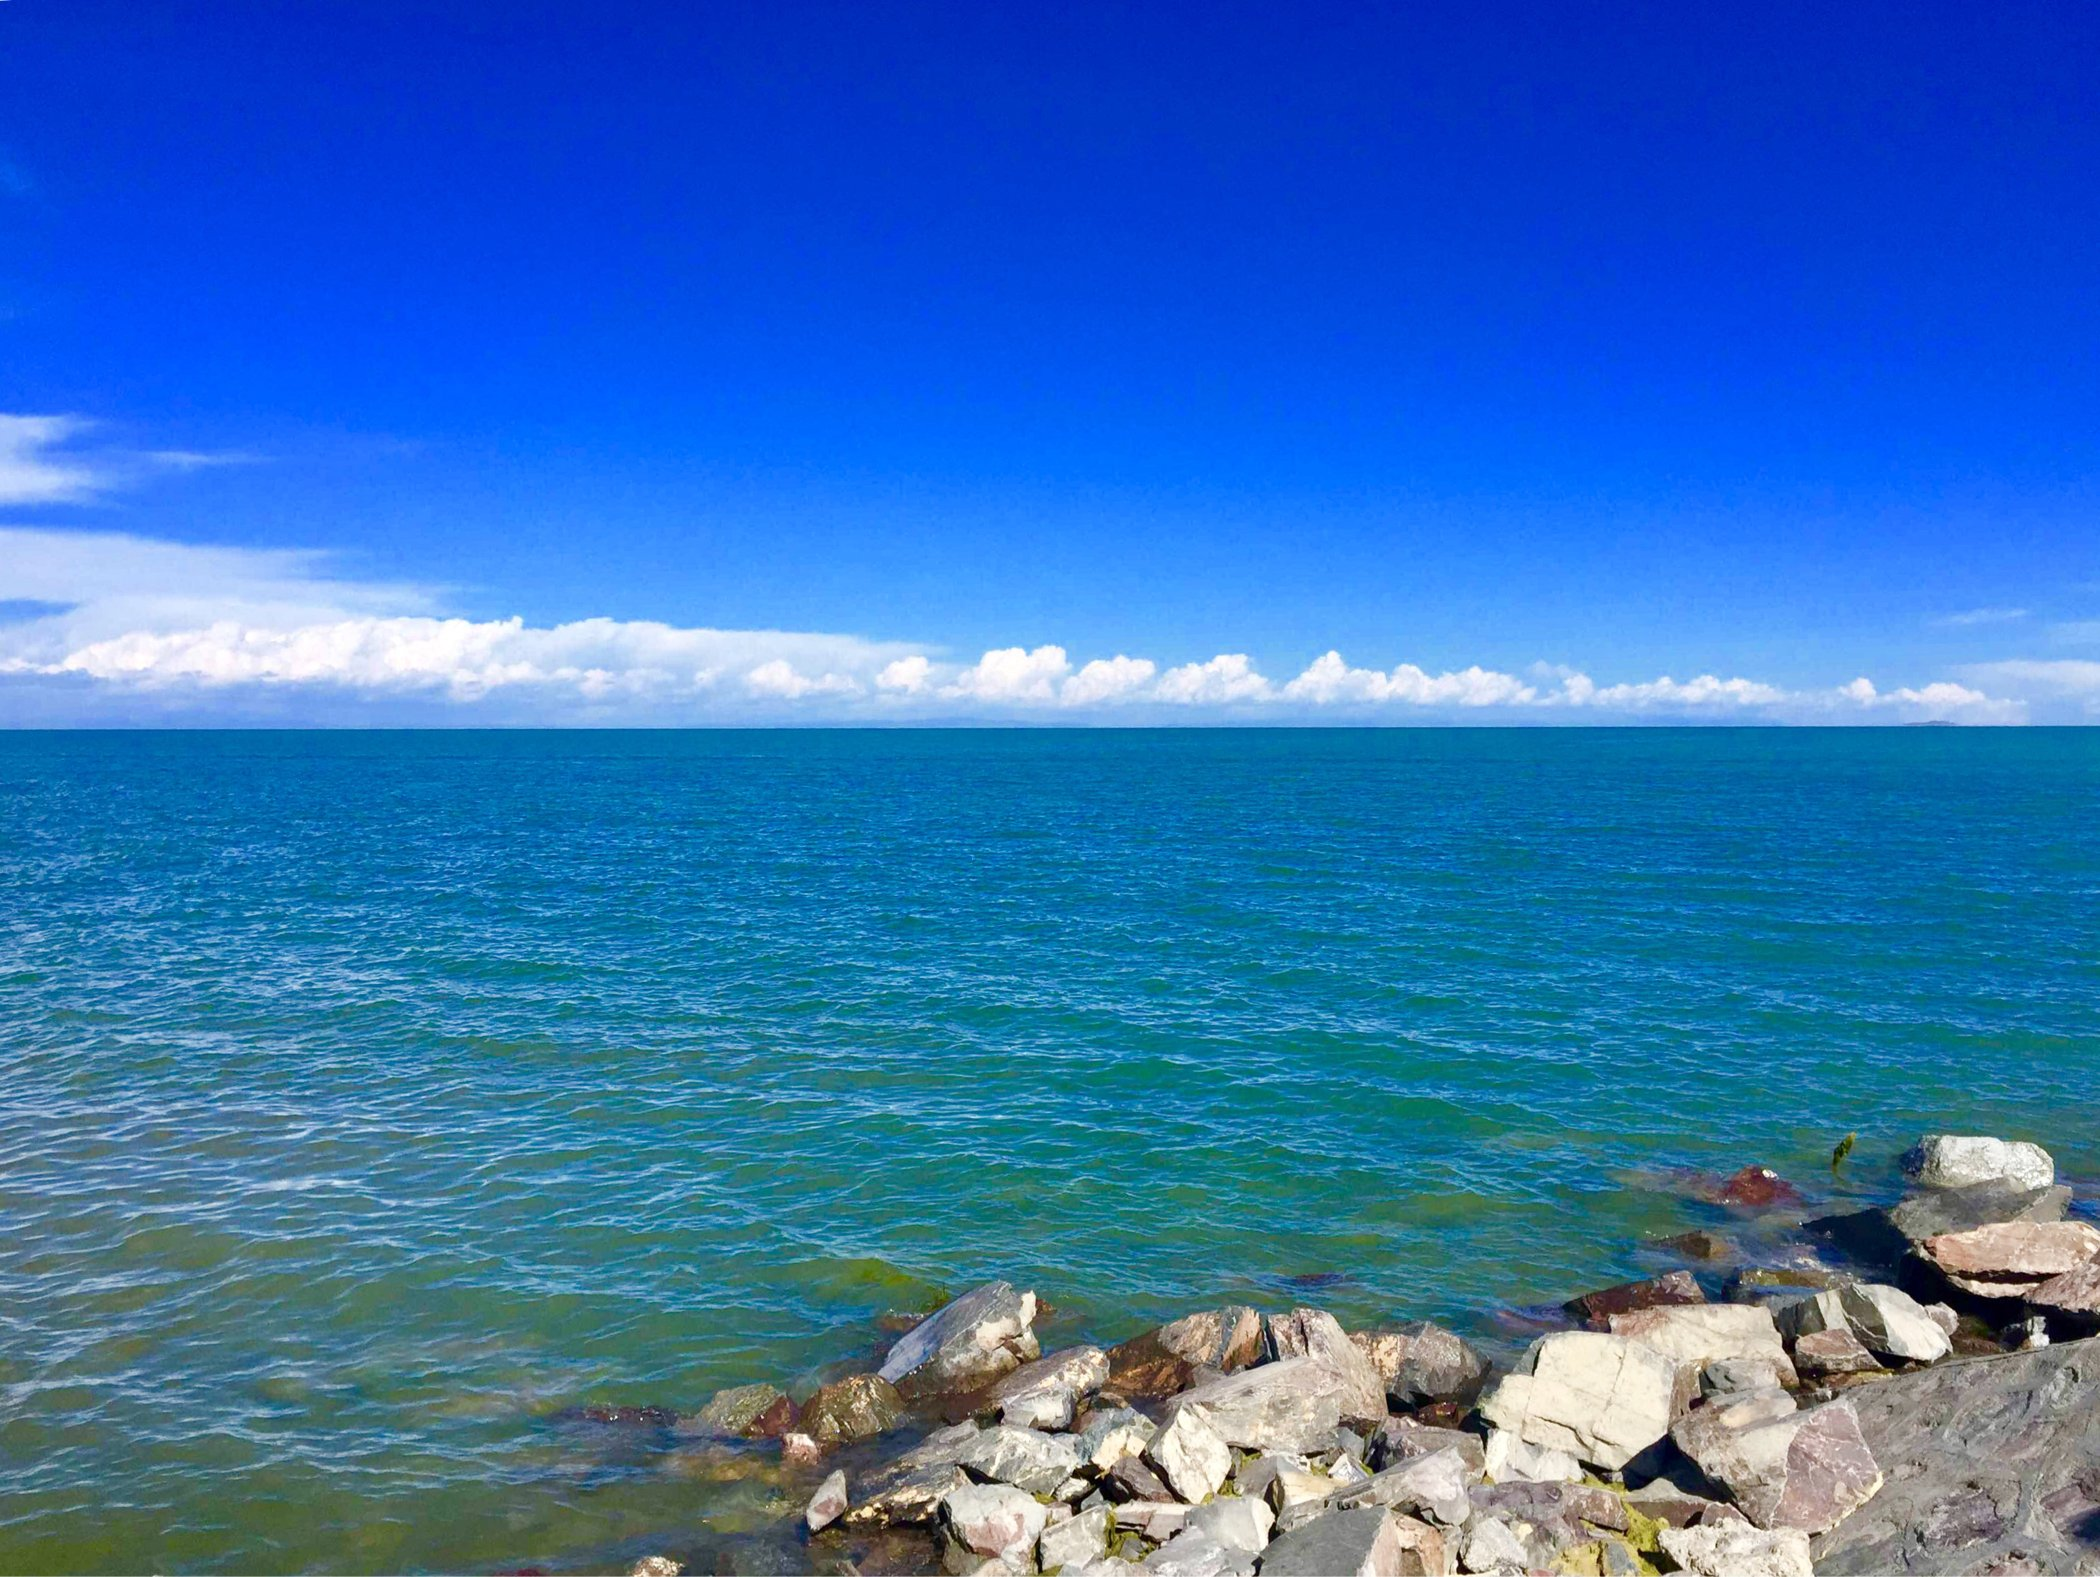 梦到一望无际的大水